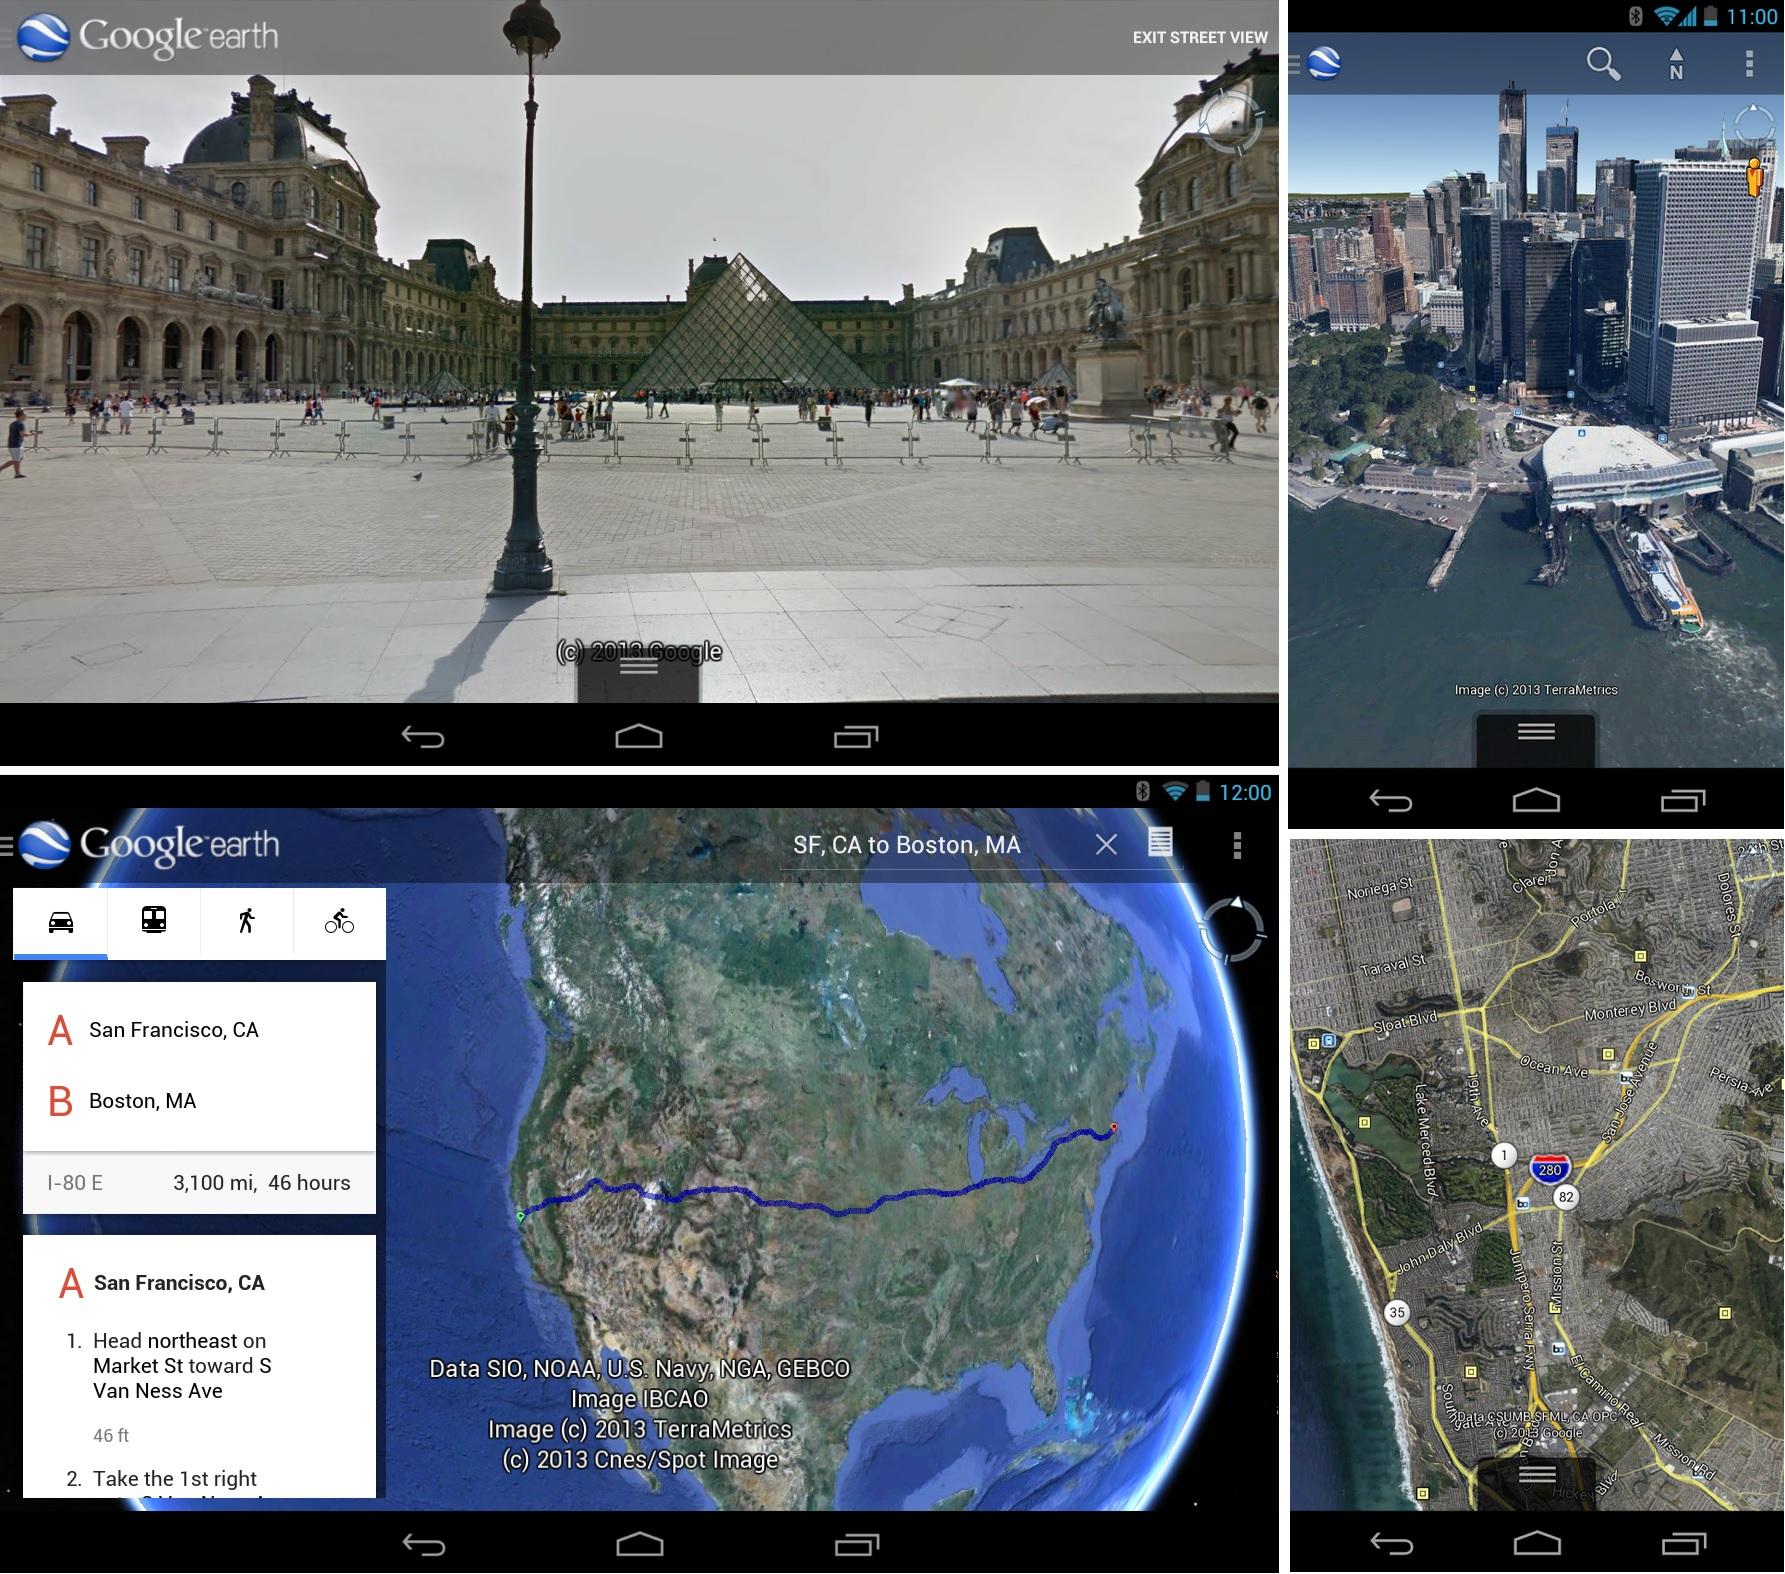 Планета гугл земля онлайн смотреть - d2